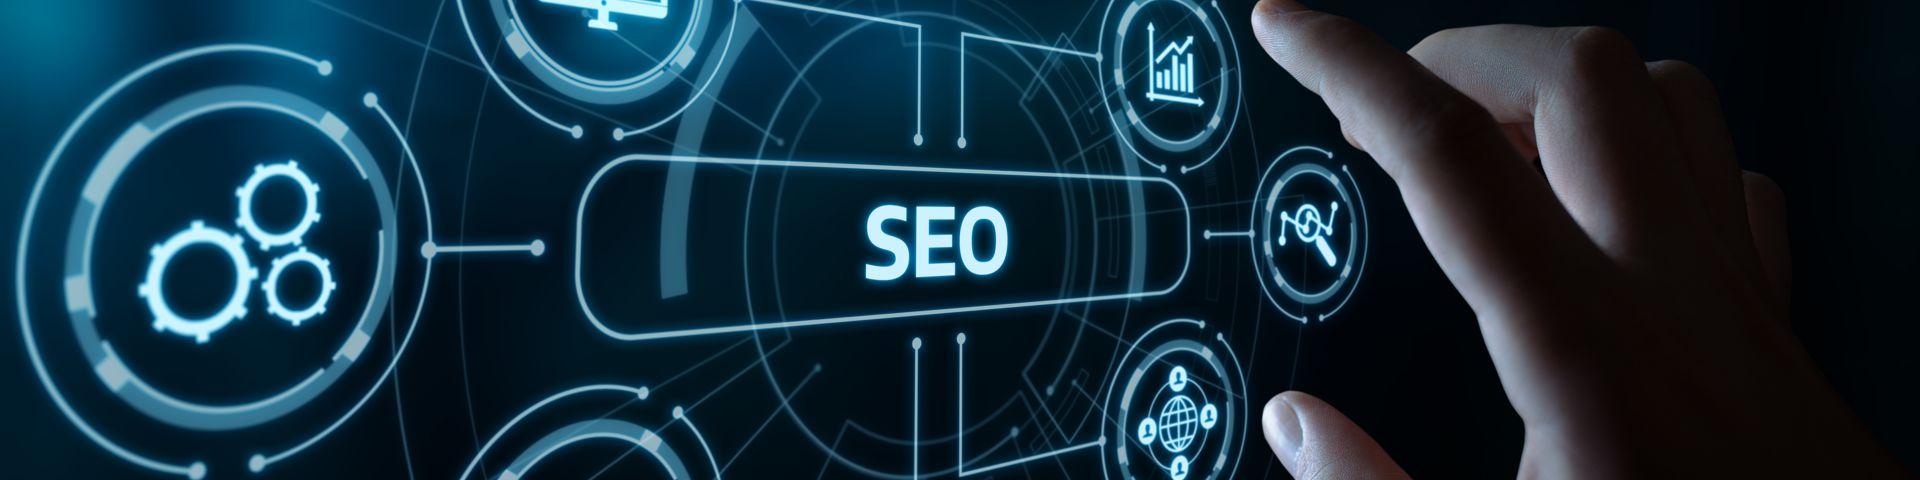 Was ist SEO /  Suchmaschinenoptimierung? 1